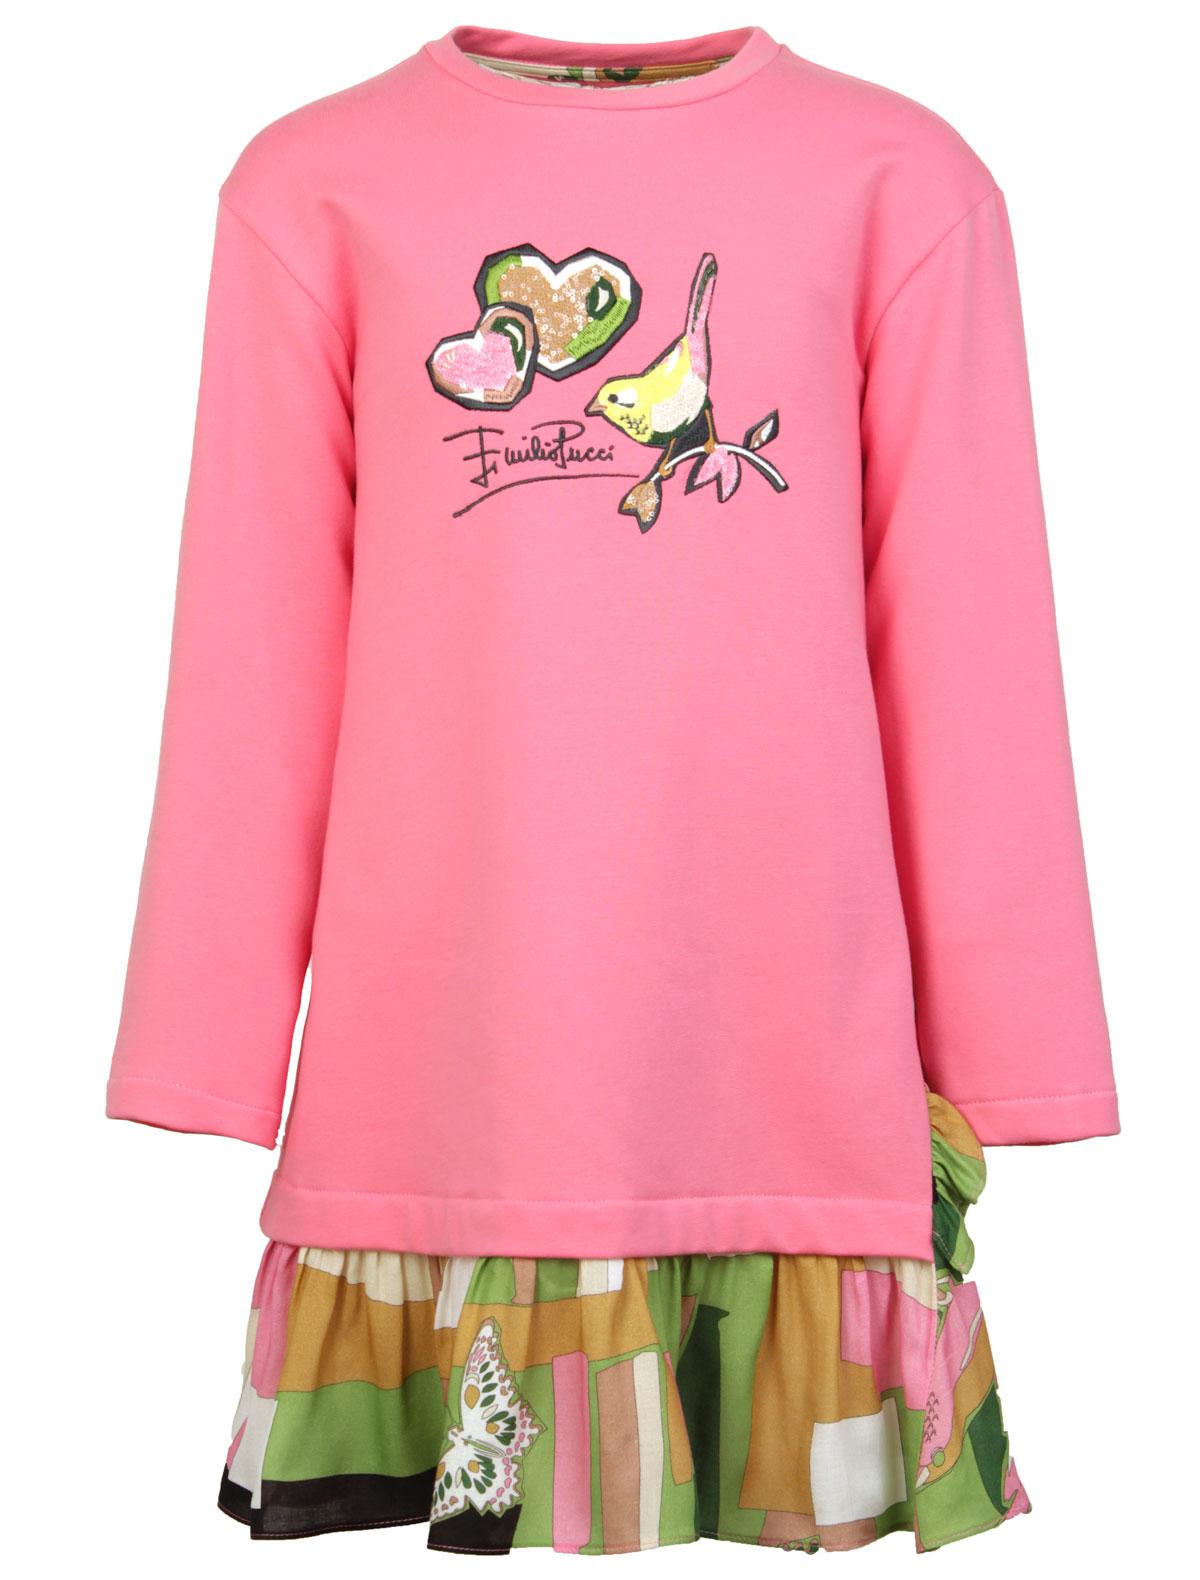 Купить 1843834, Платье Emilio Pucci, розовый, Женский, 1052609881046